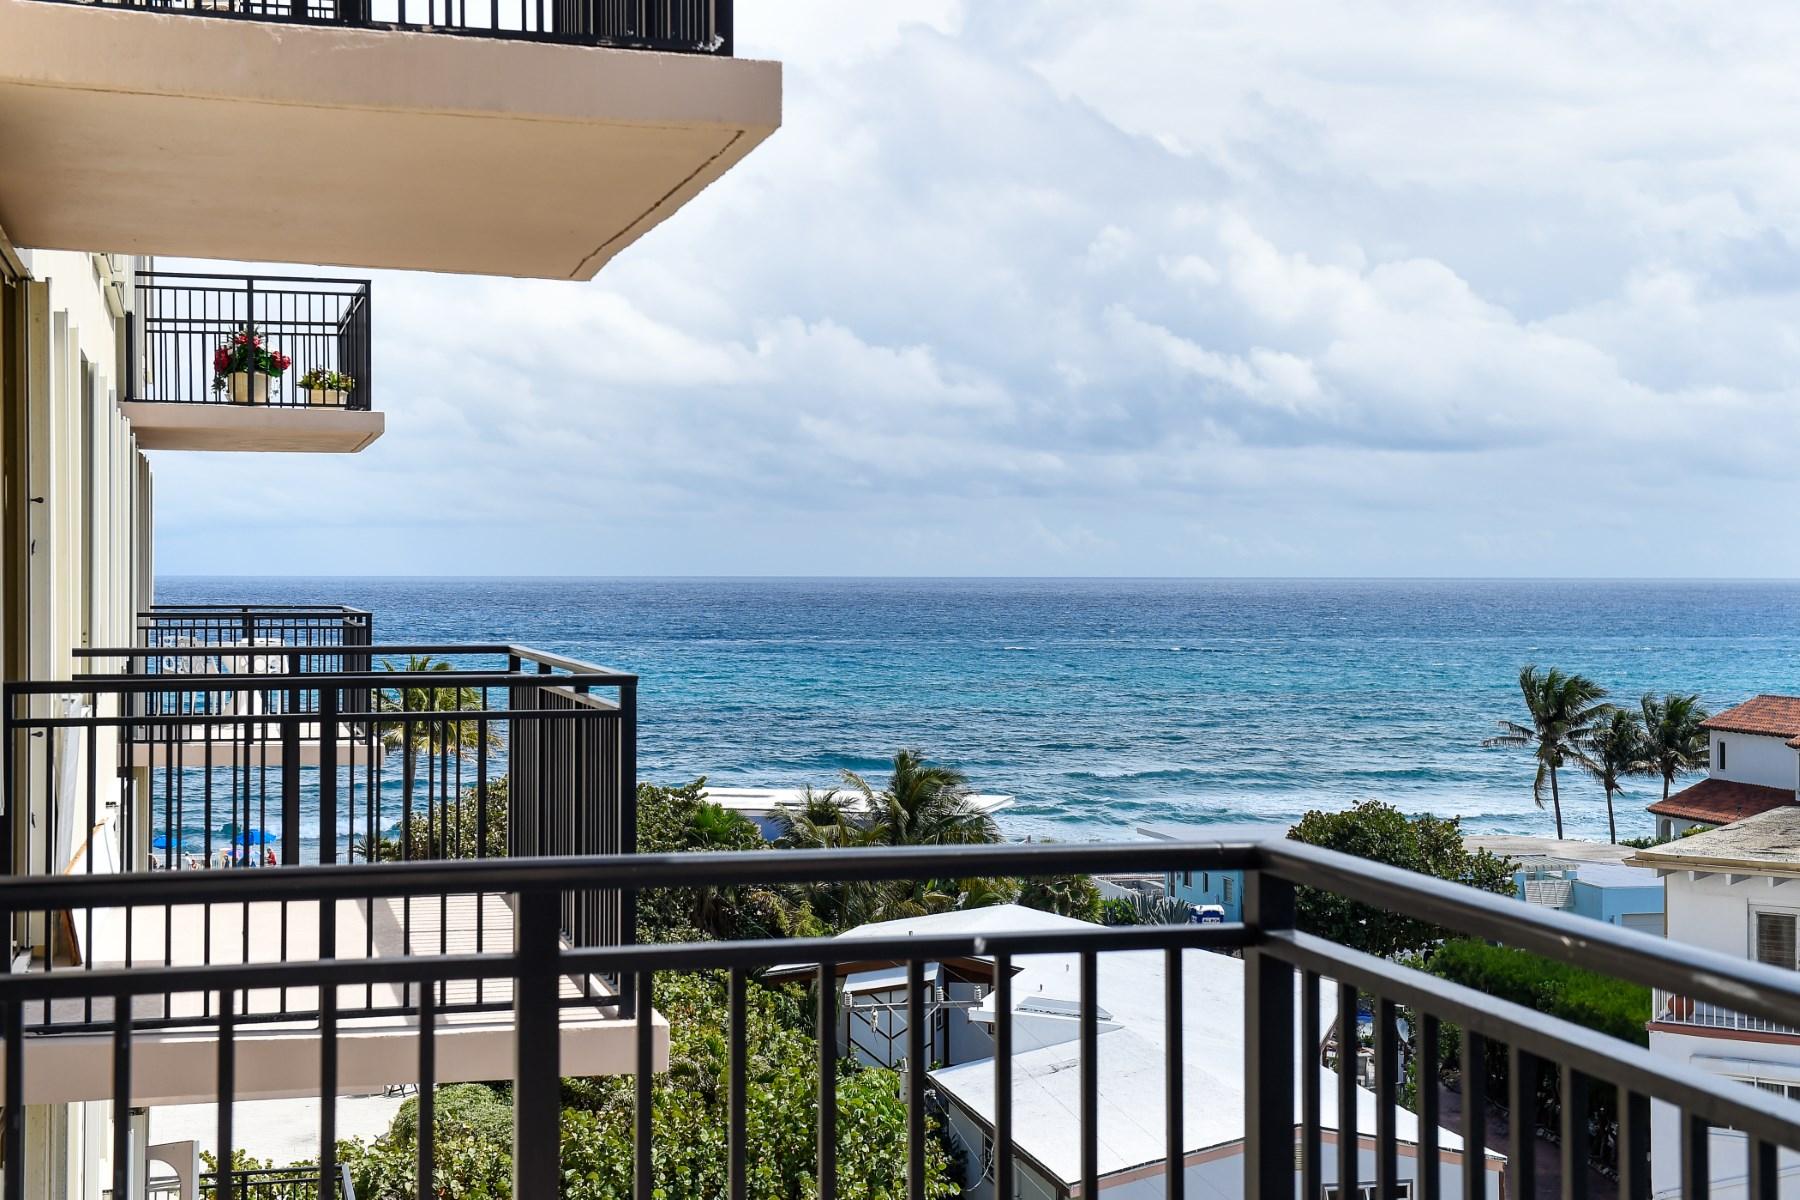 Eigentumswohnung für Verkauf beim Elegant Beachfront Condo 3475 S Ocean Blvd Apt 601 Palm Beach, Florida 33480 Vereinigte Staaten